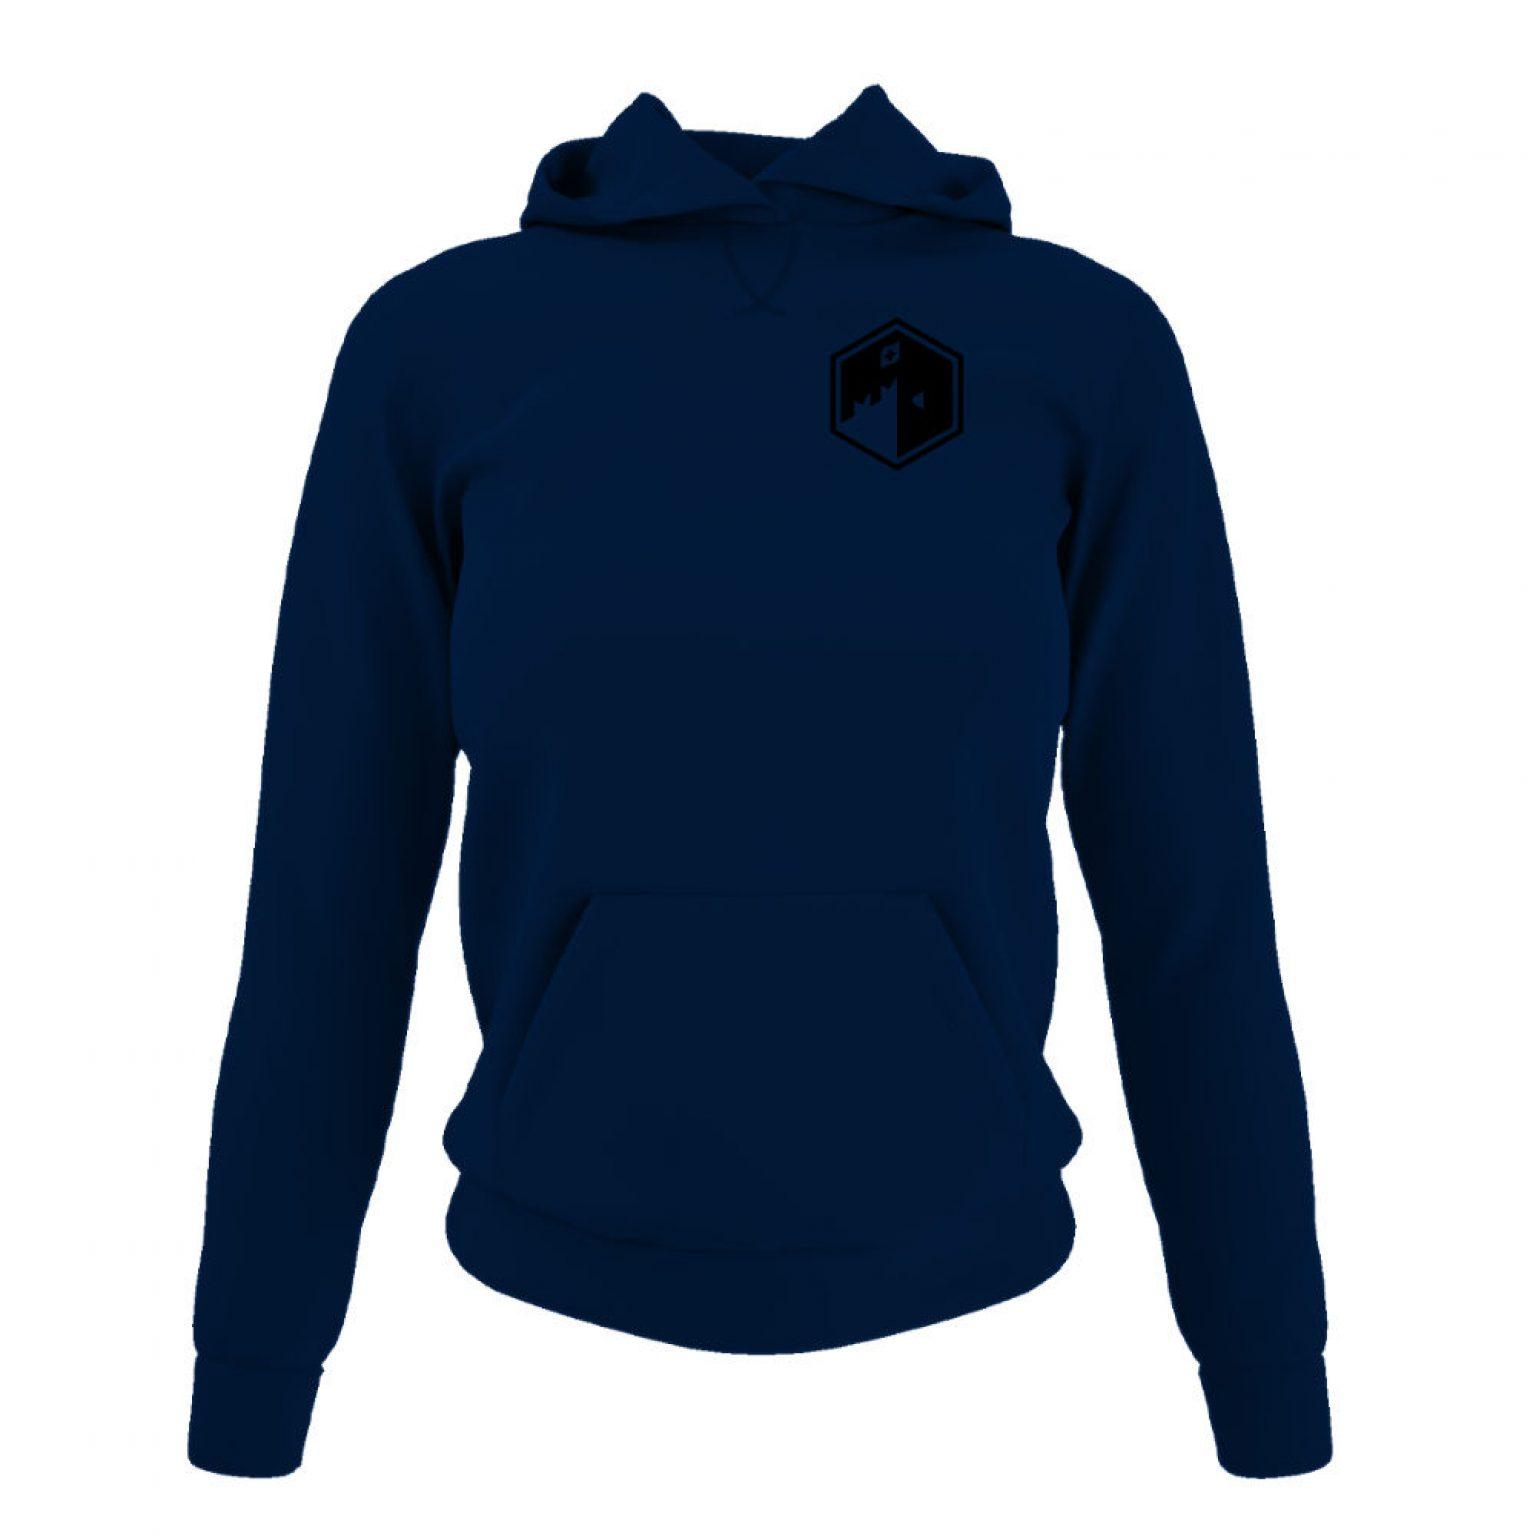 CFB hoodie damen navy front